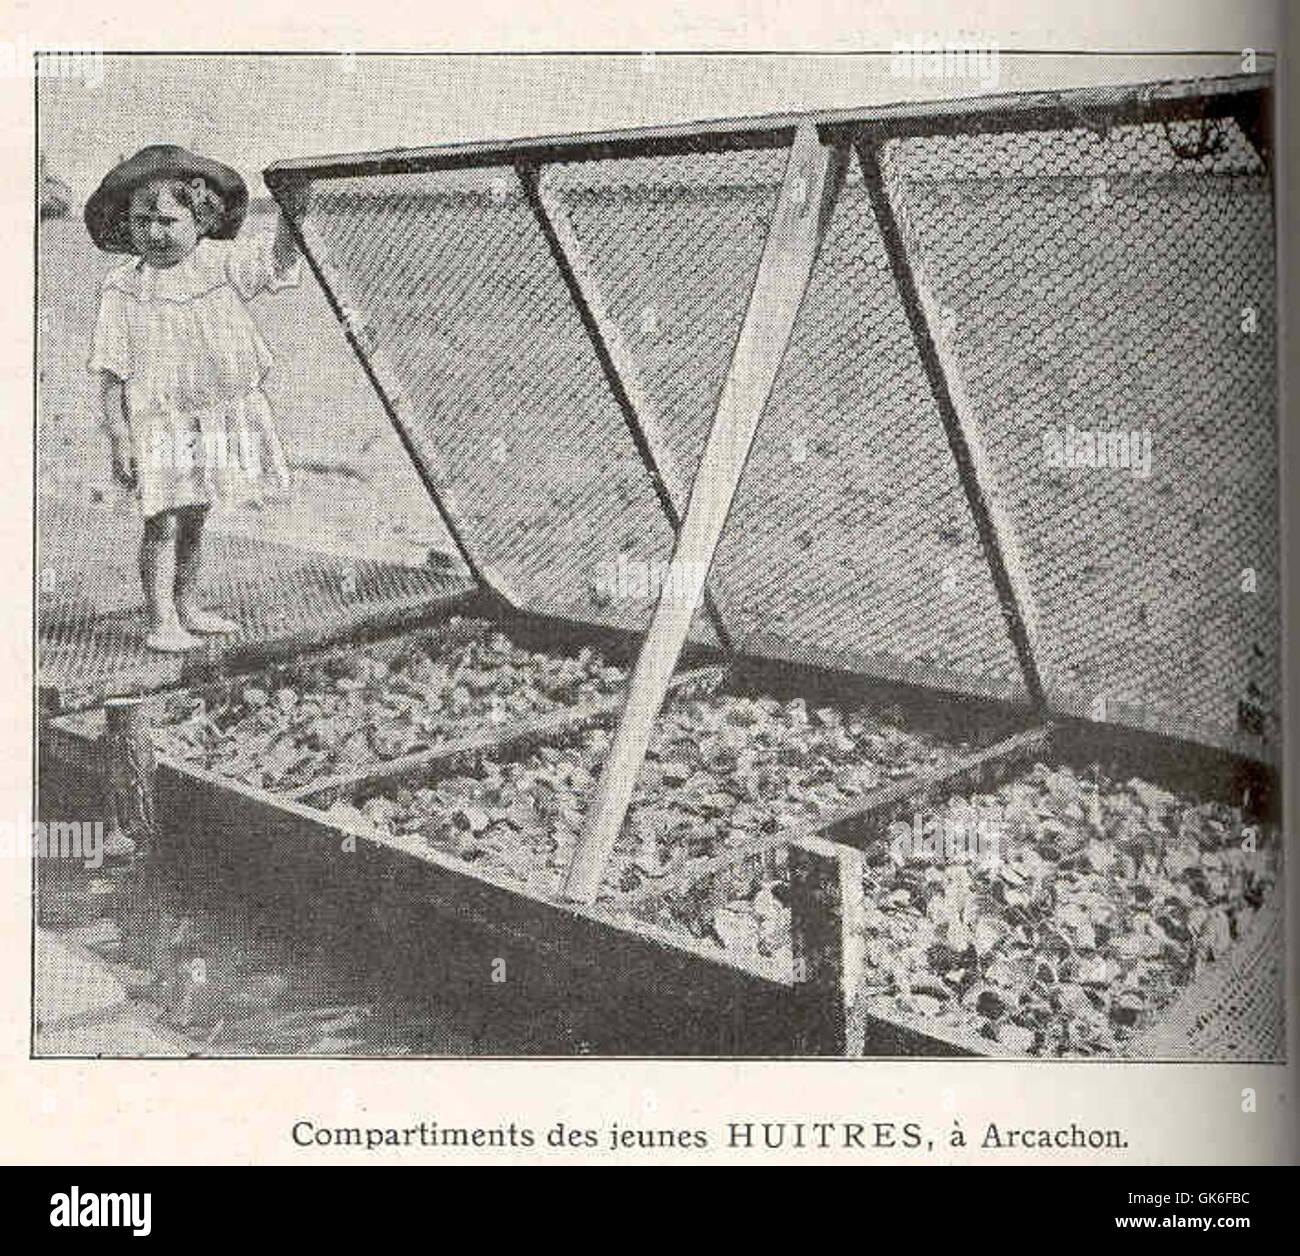 36807 Compartiments des Jeunes Huitres, a Arcachon - Stock Image